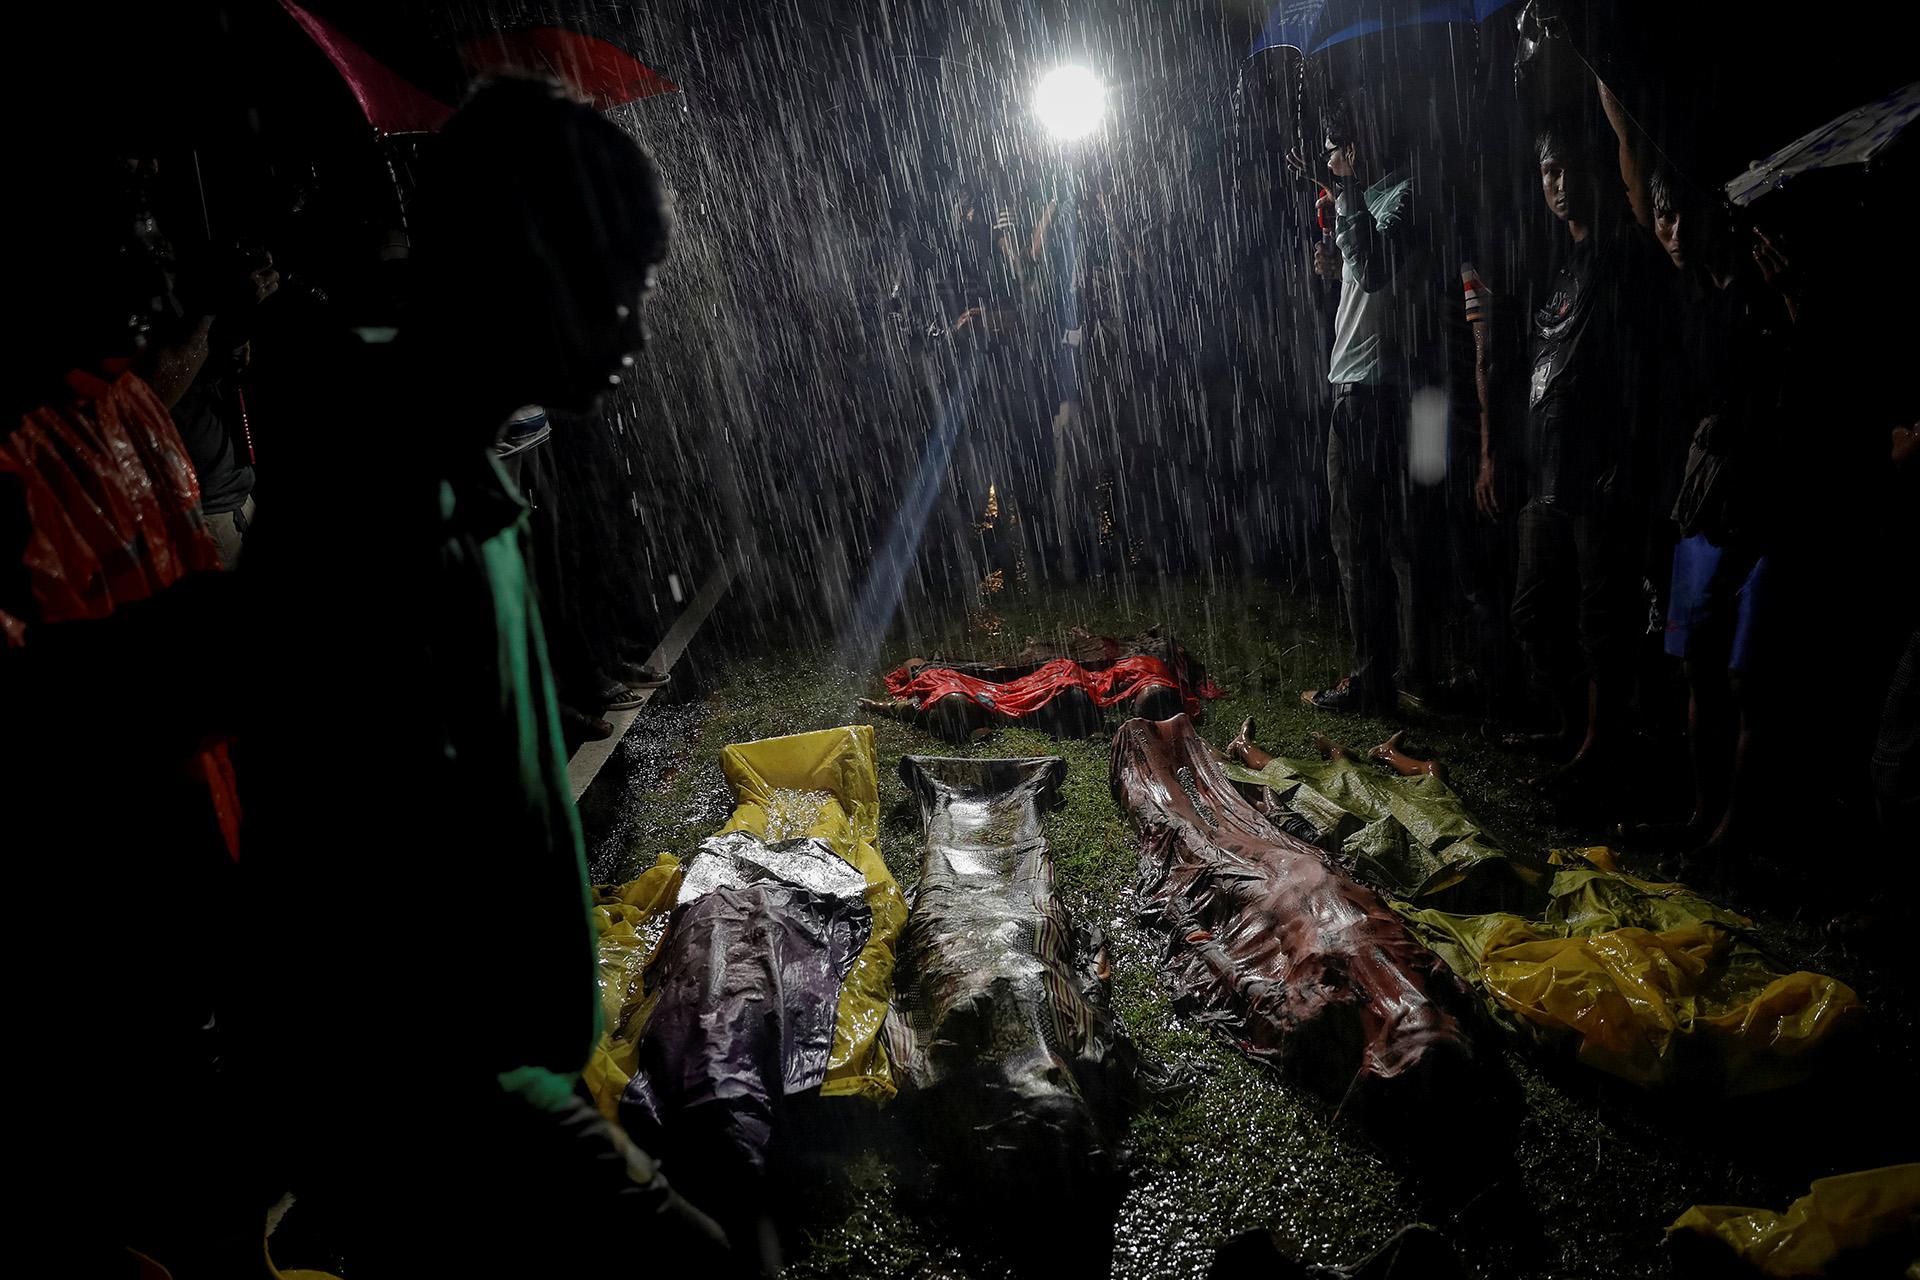 La gente se junta bajo fuertes lluvias alrededor de cuerpos de refugiados Rohingya después de que el bote que usaban para huir de la violencia en Myanmar se hundiera en Inani Beach cerca de Cox's Bazar, Bangladesh 28 de septiembre de 2017. (Damir Sagolj)